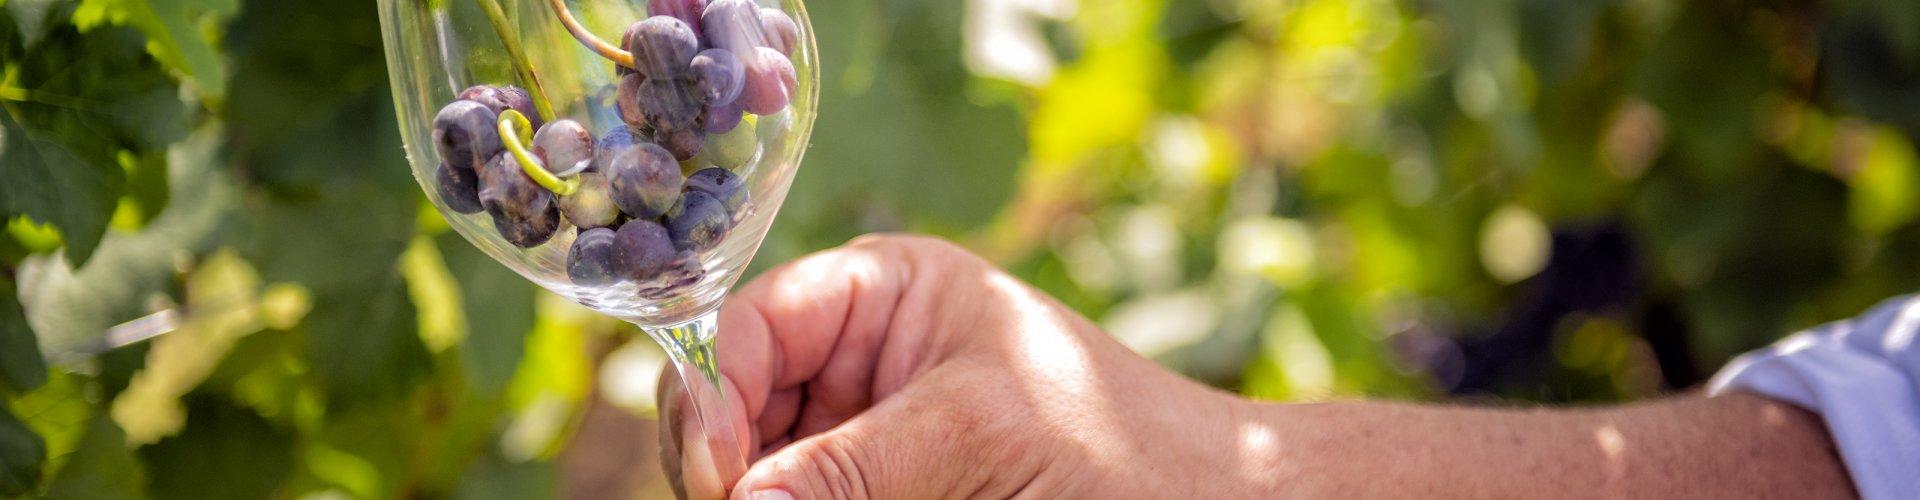 Niemcza z winem | 2 noce i więcej